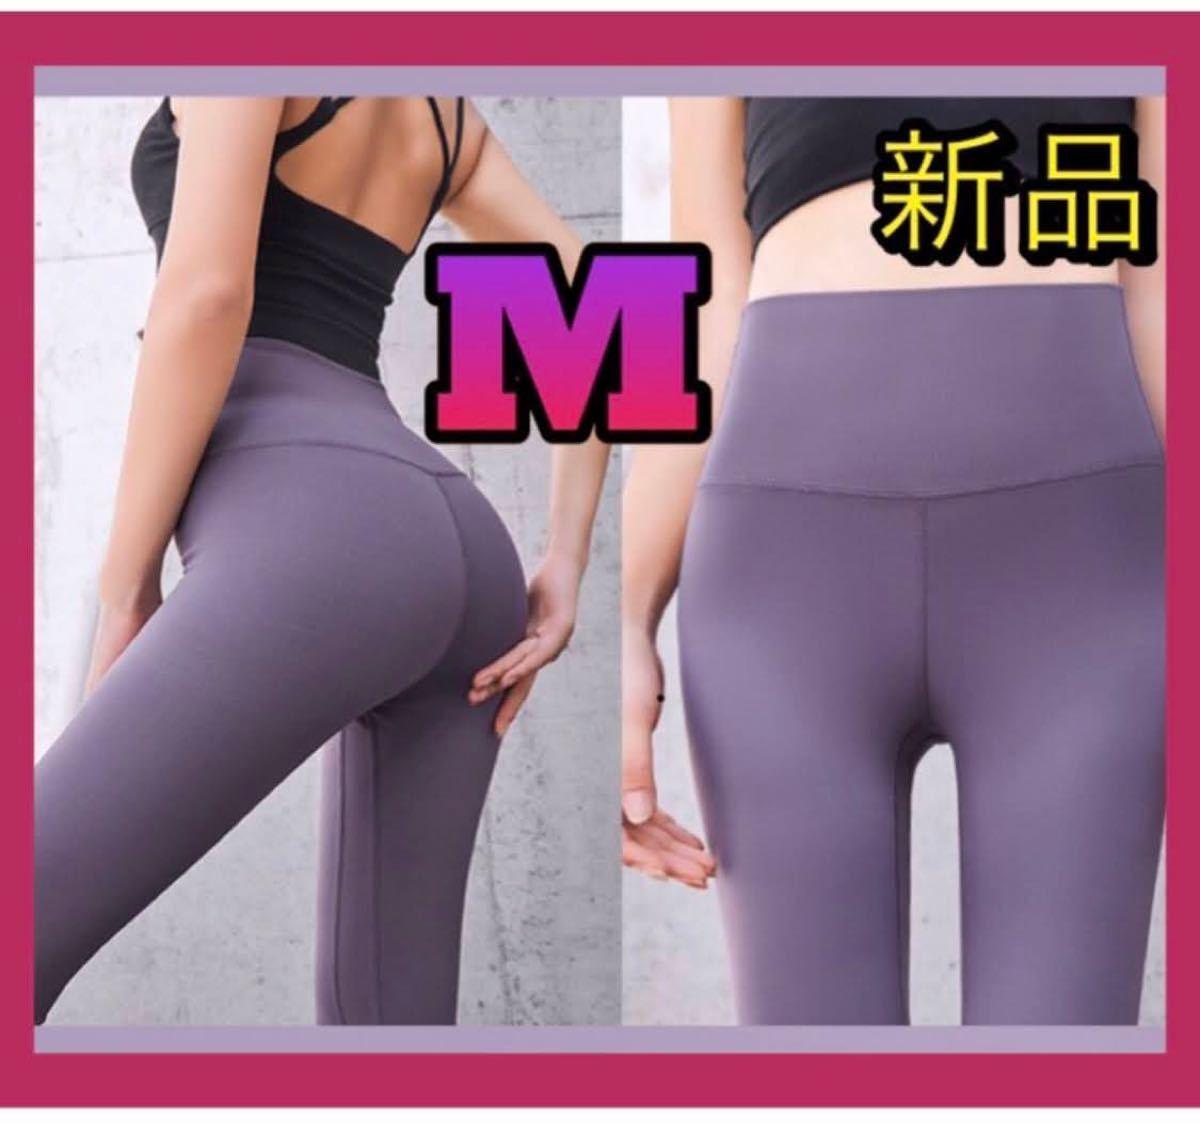 レギンス ヨガパンツ トレーニングウェア スパッツ ヨガ スポーツウェア M  美尻 sexy 美脚